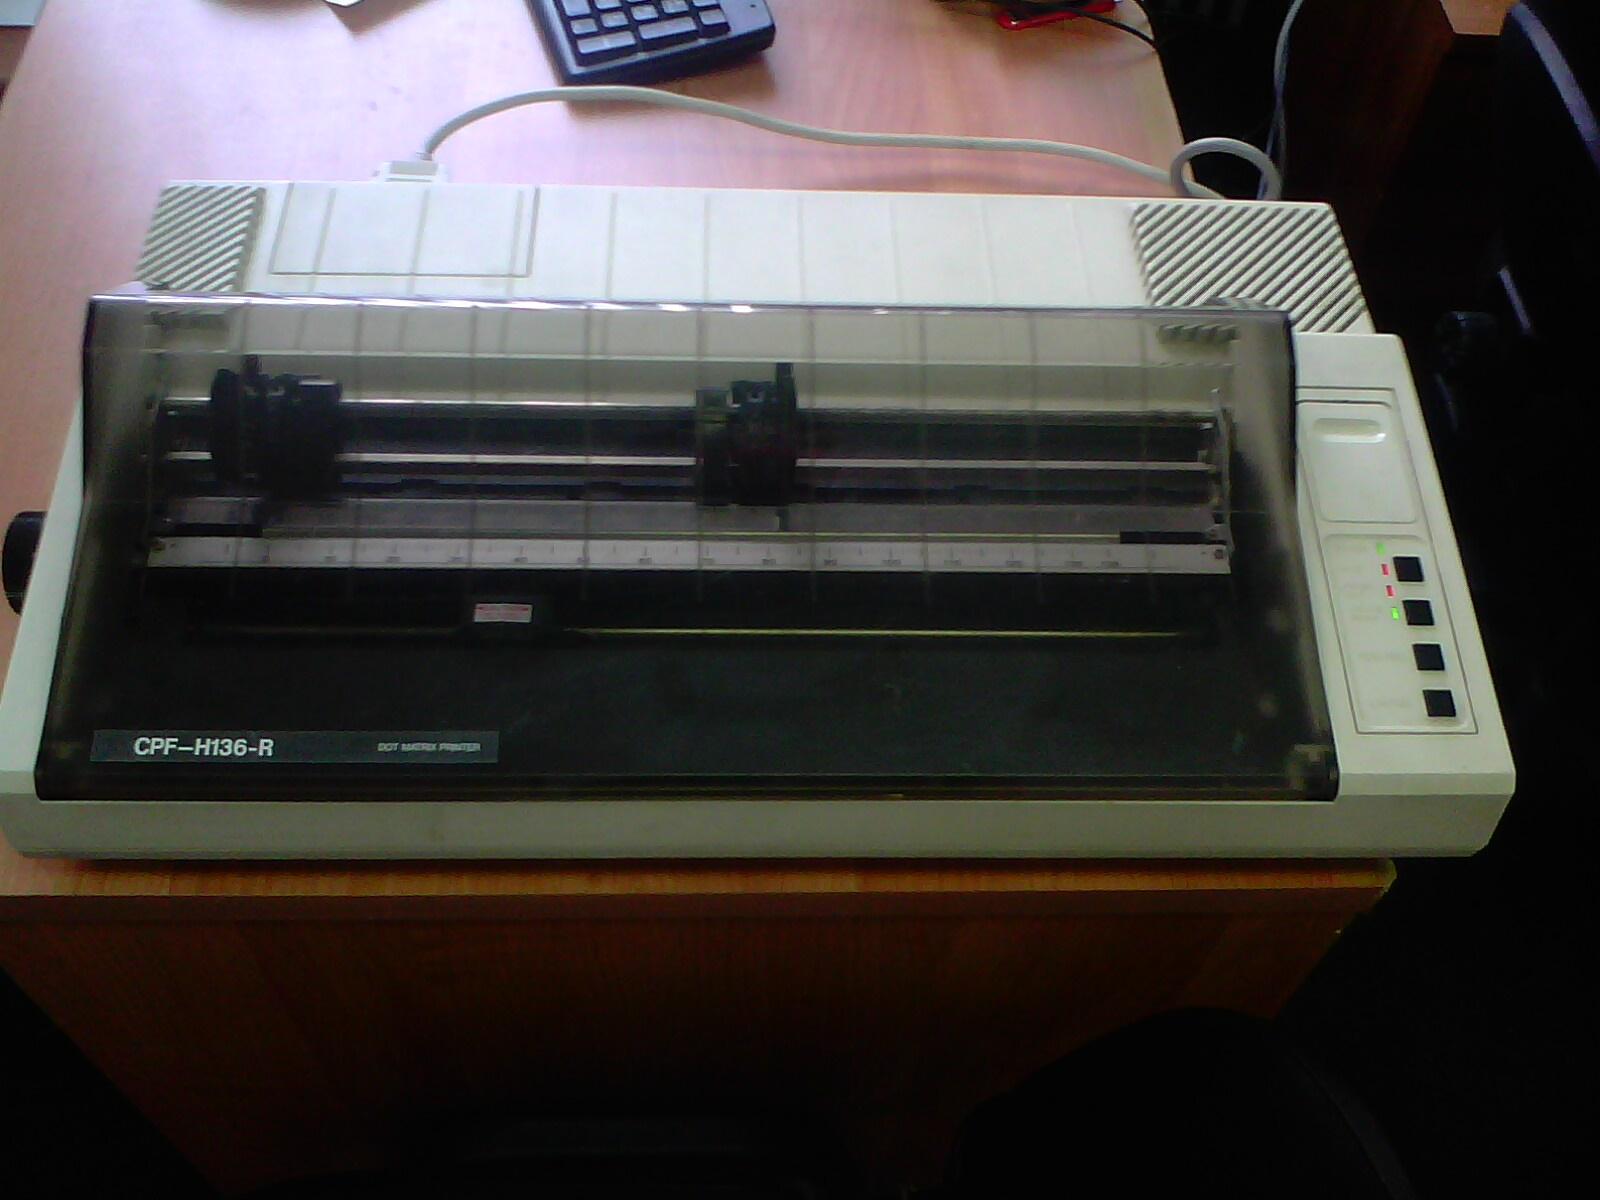 скачать драйвер на лазерный принтер сансунг